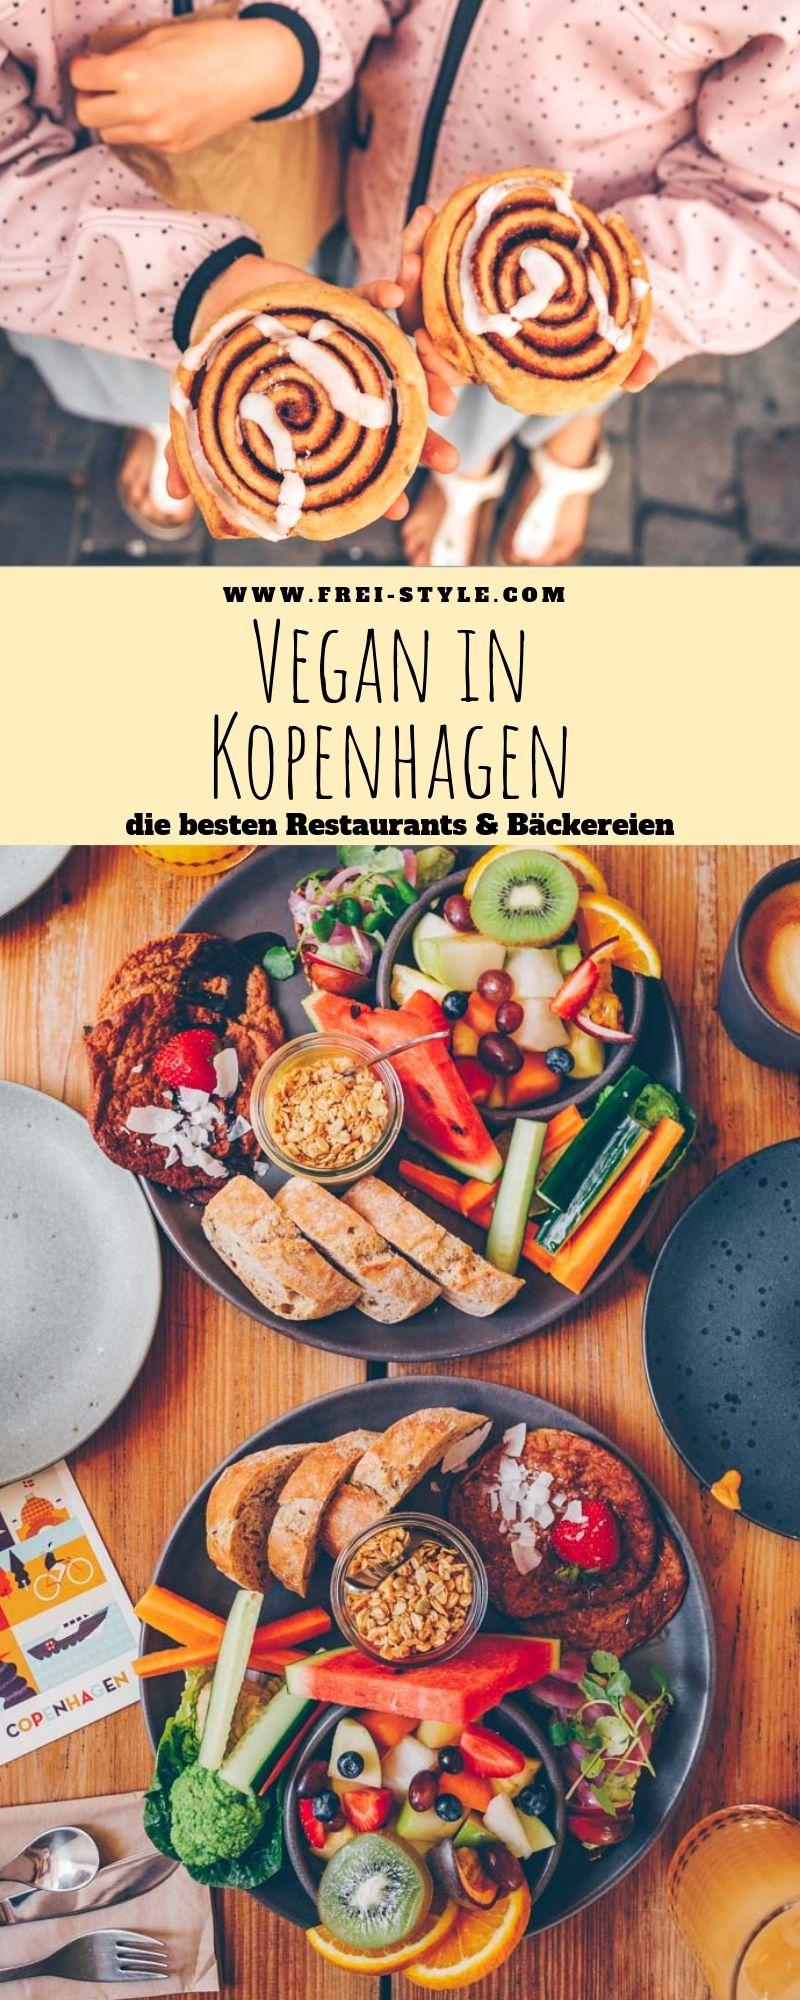 Vegan in Kopenhagen